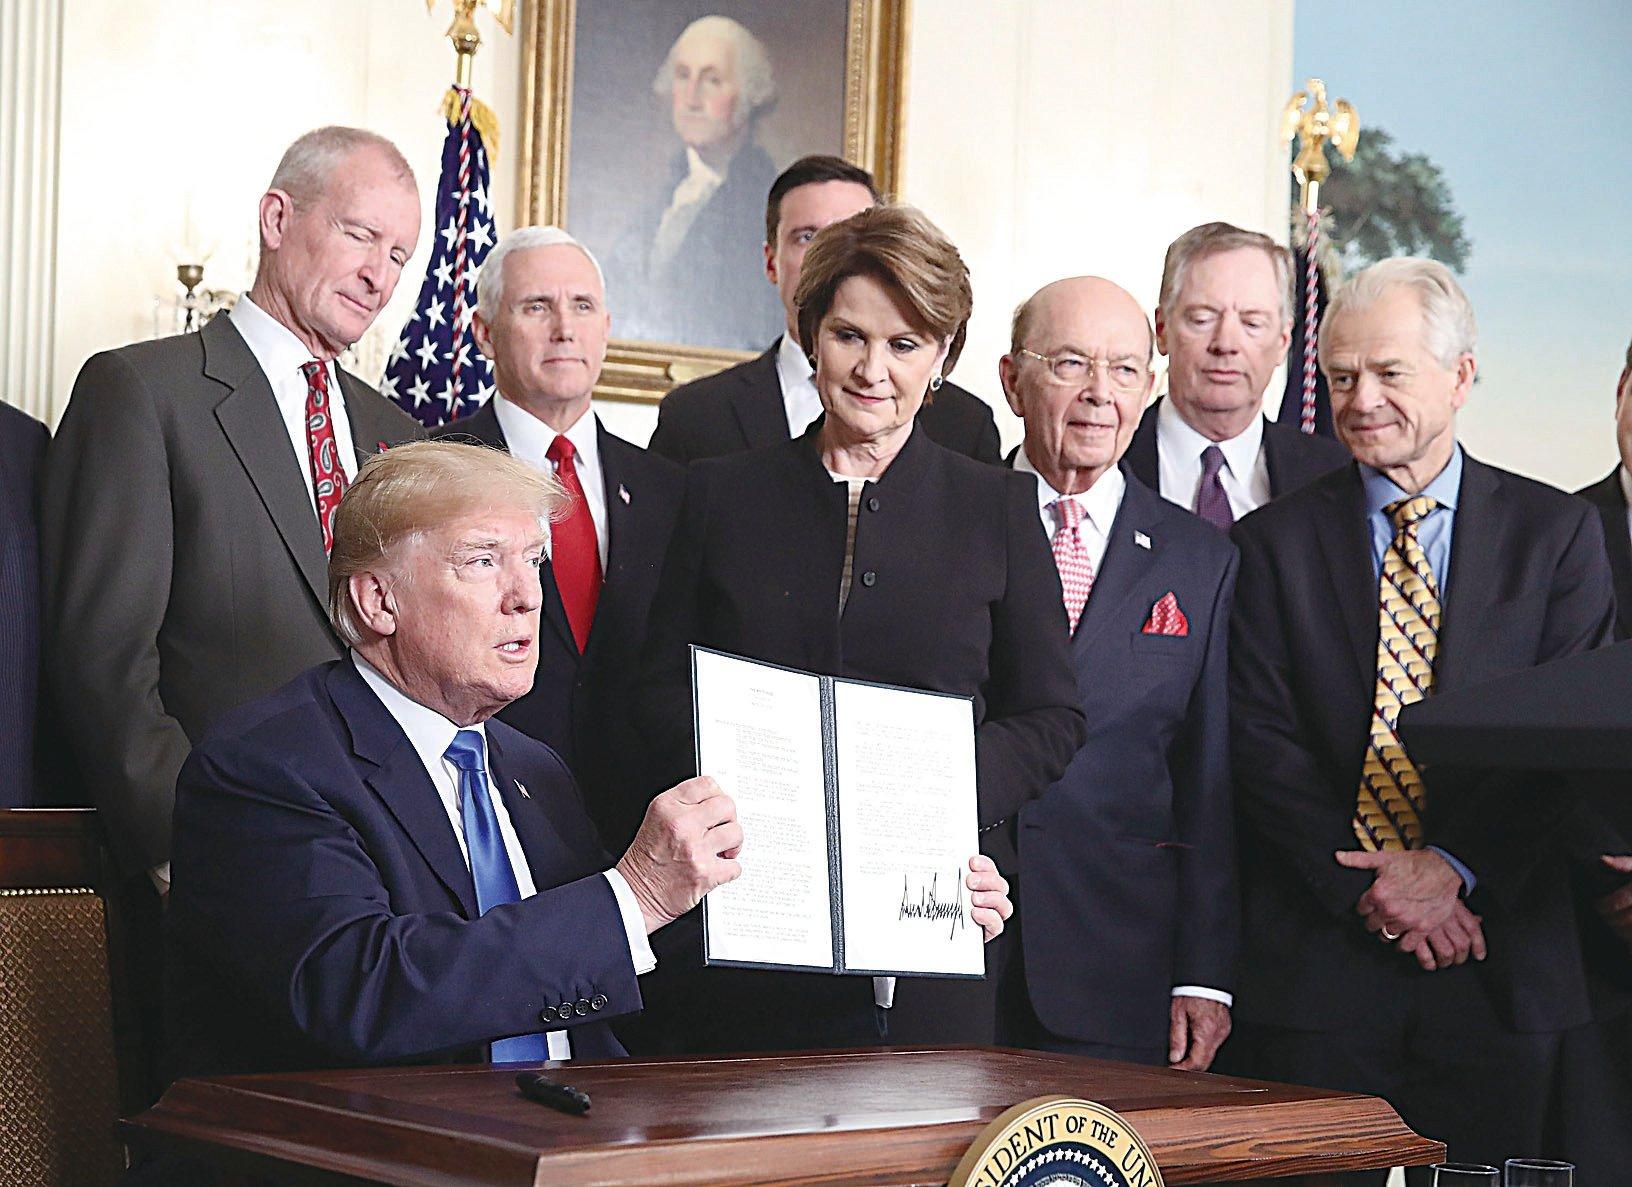 為懲罰中共竊取美國智慧財產權和商業秘密,美國總統特朗普在3月22日簽署行政備忘錄,將對中國600億美元商品課徵關稅。(Mark Wilson/Getty Images)